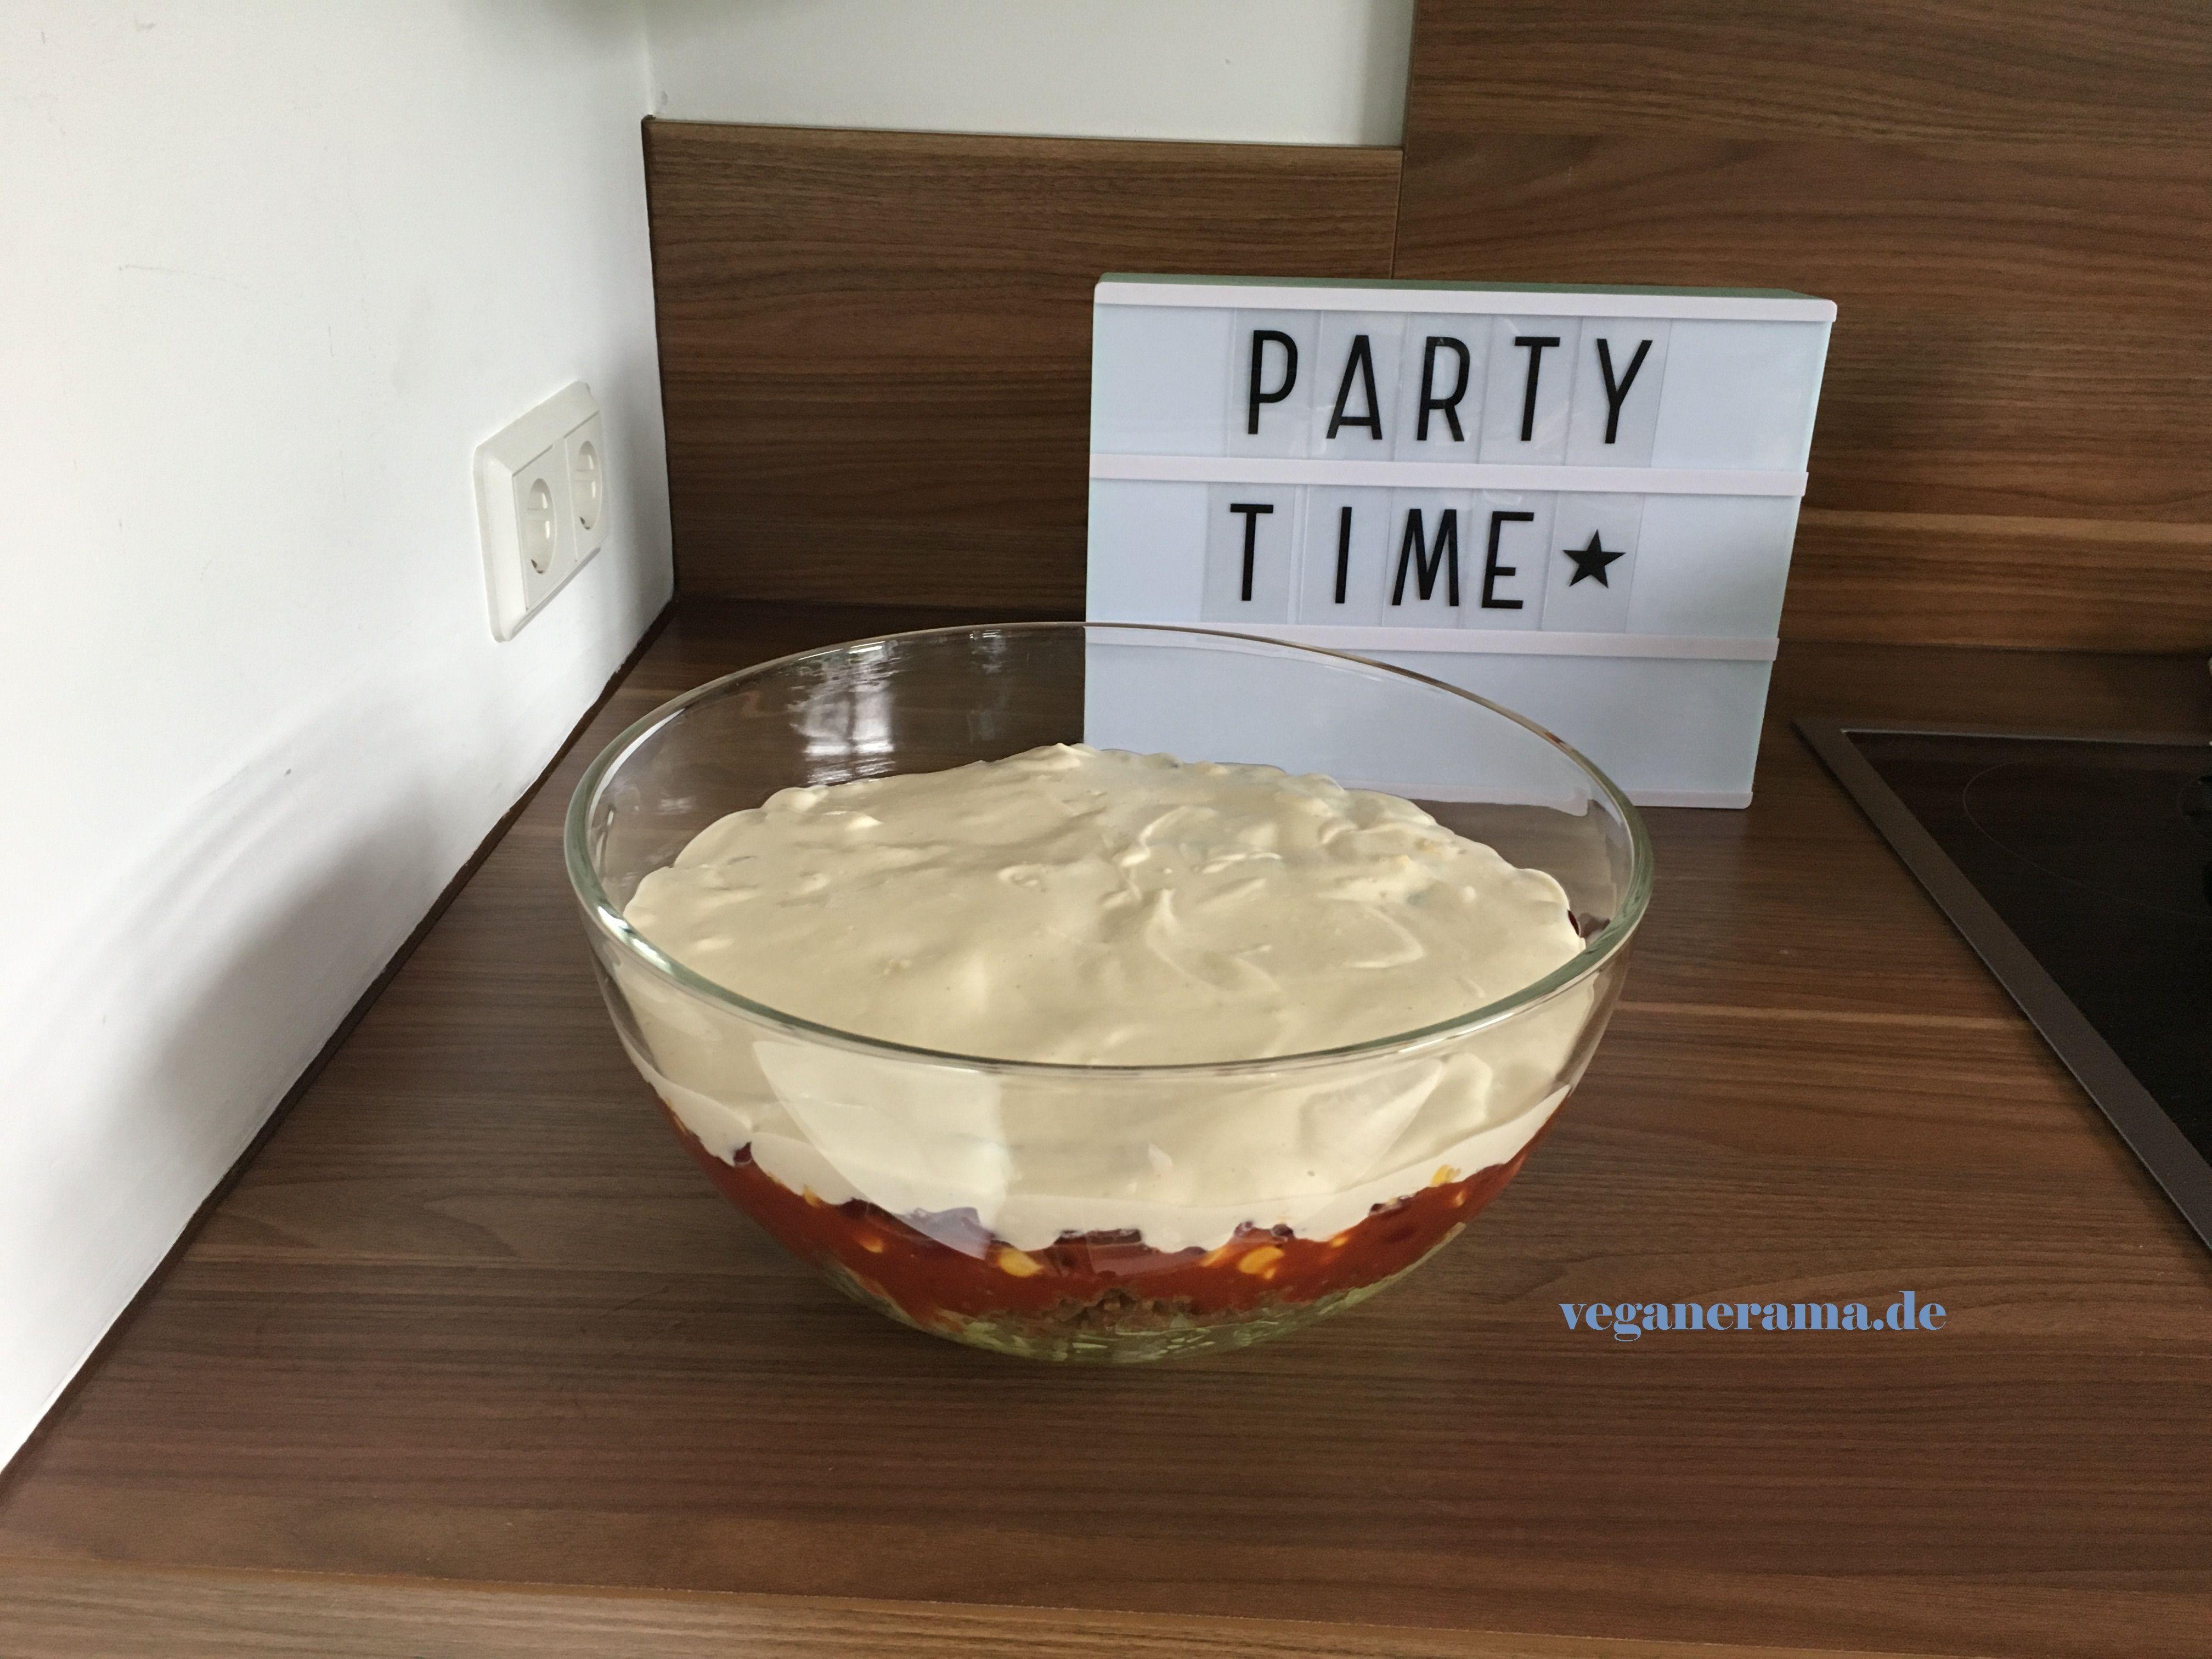 Du suchst nach einem tollen veganen Party-Salat, der auch Nicht-Veganer überzeugt? Dann ist der vegane Taco-Salat genau das Richtige für dich!!